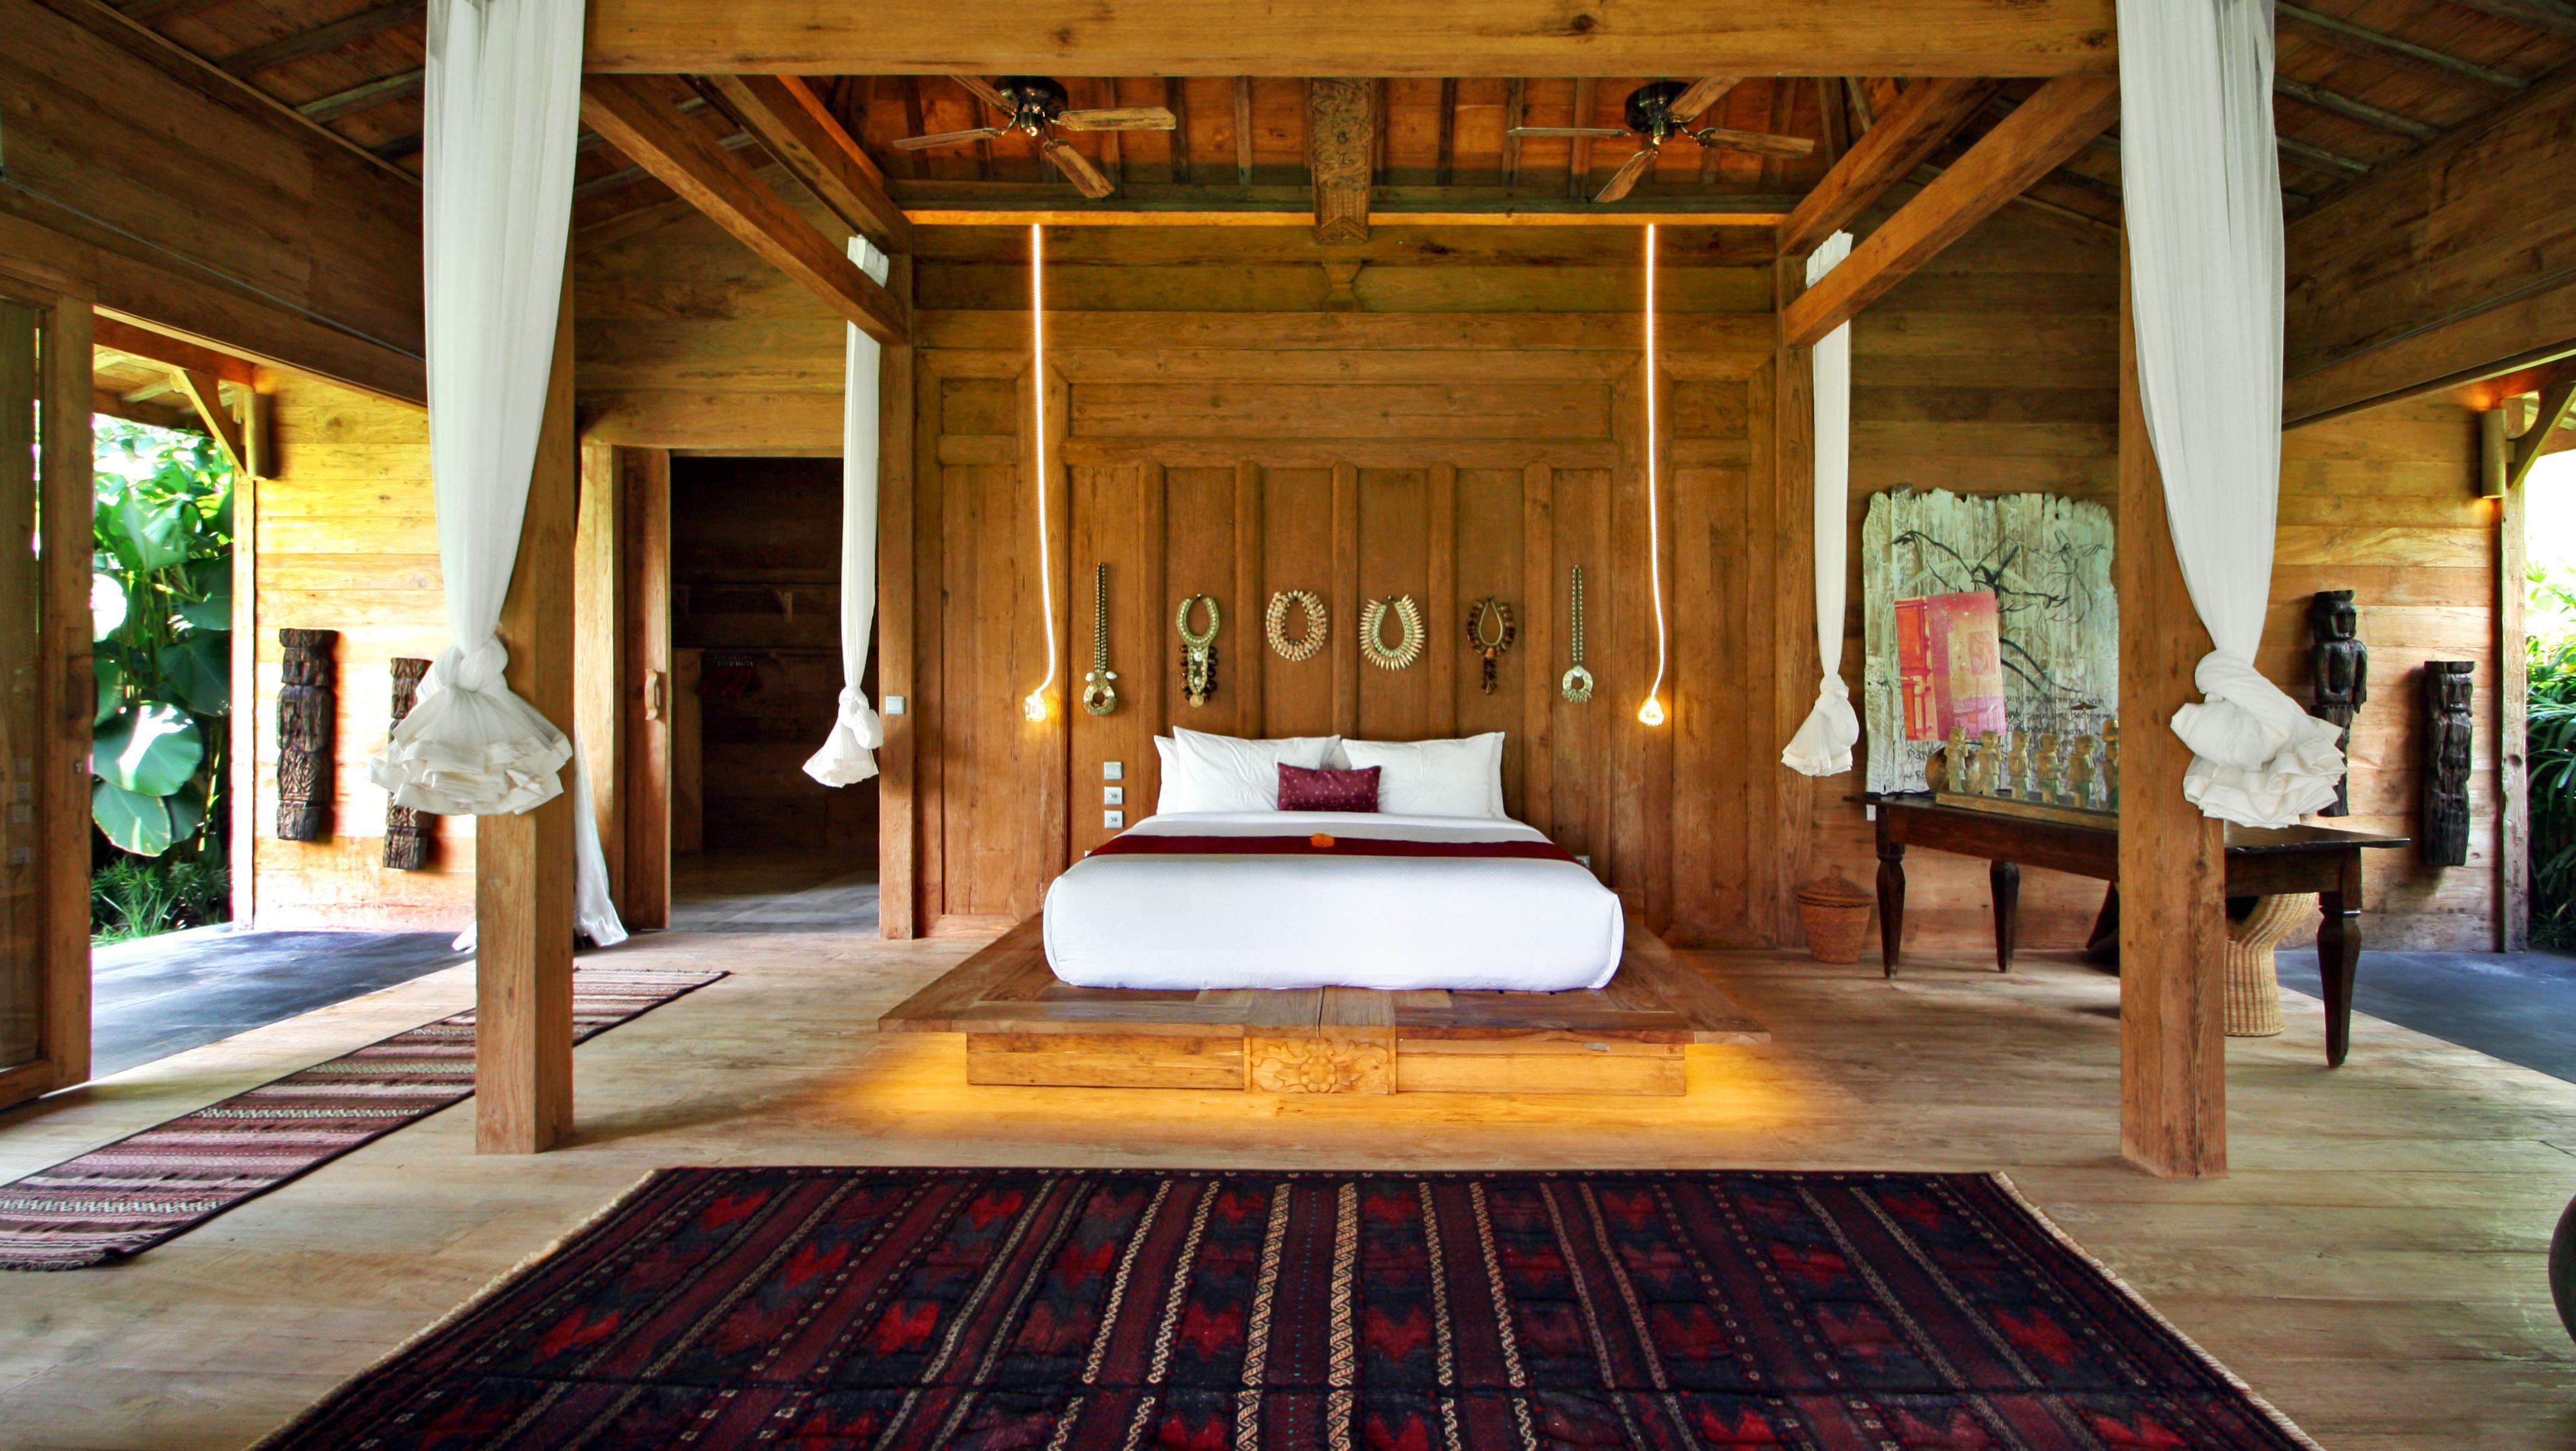 Spacious Bedroom with View - Bali Ethnic Villa - Umalas, Bali